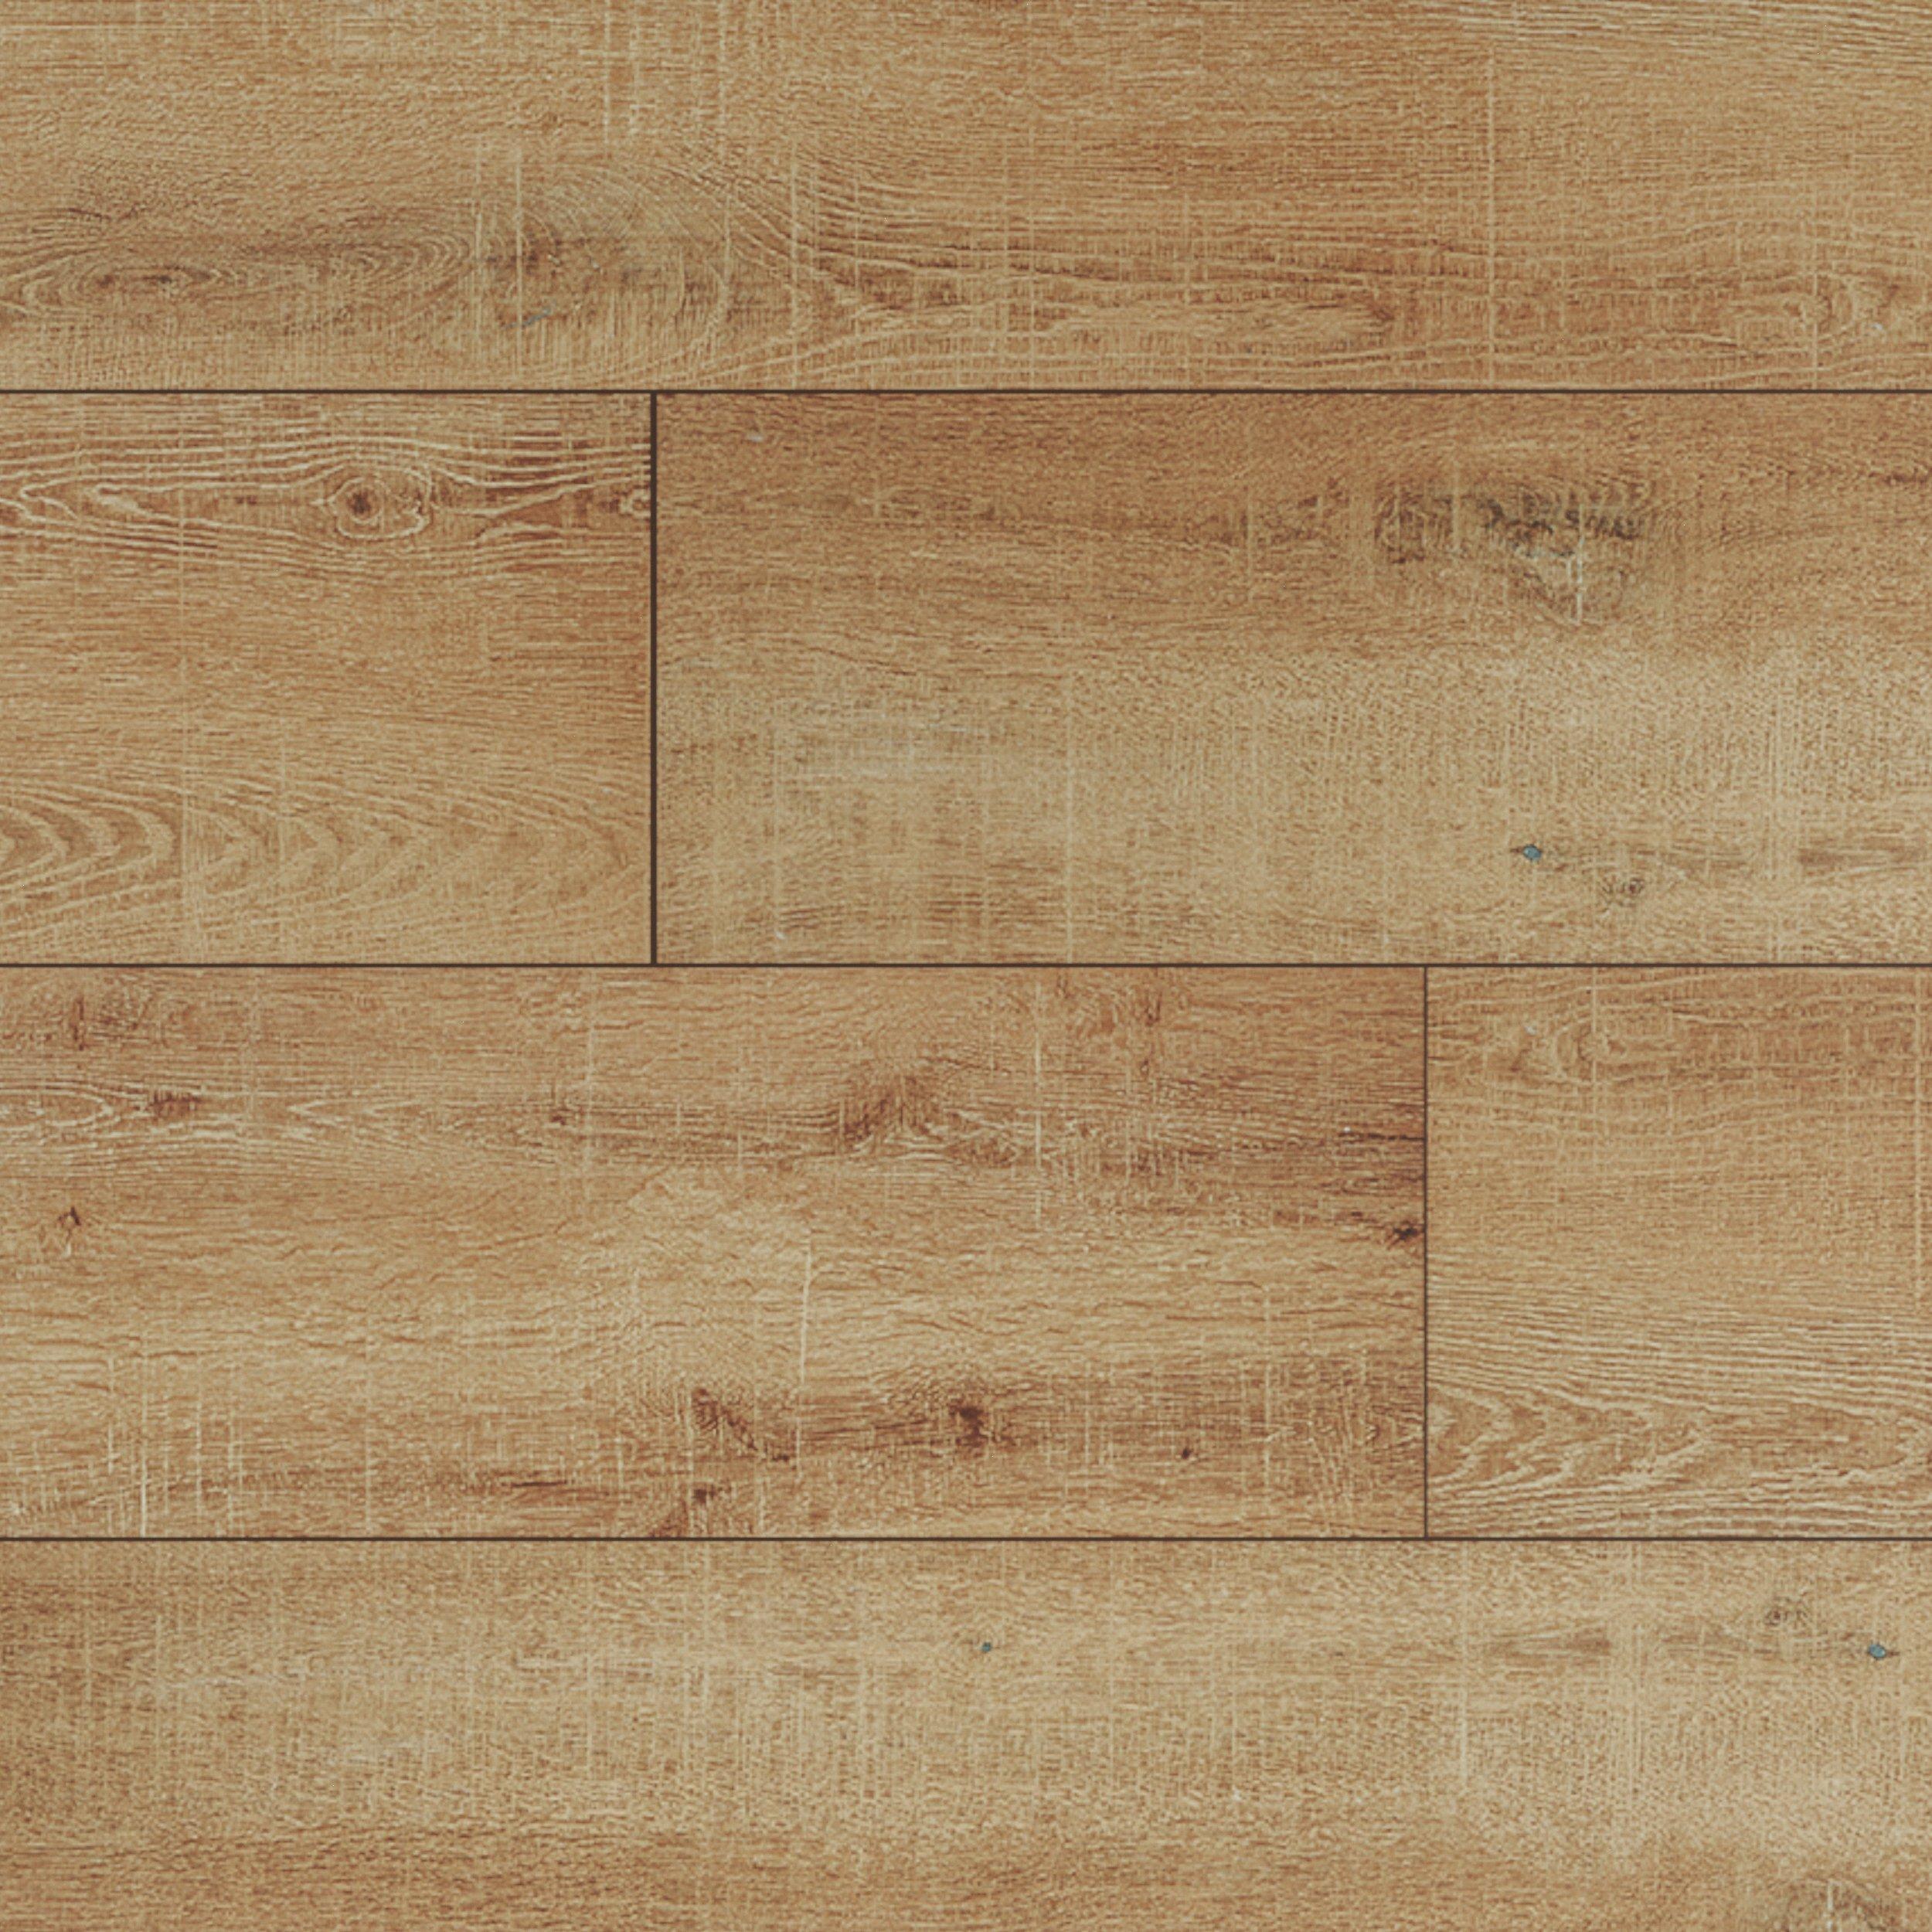 sedon lodge natural wood plank